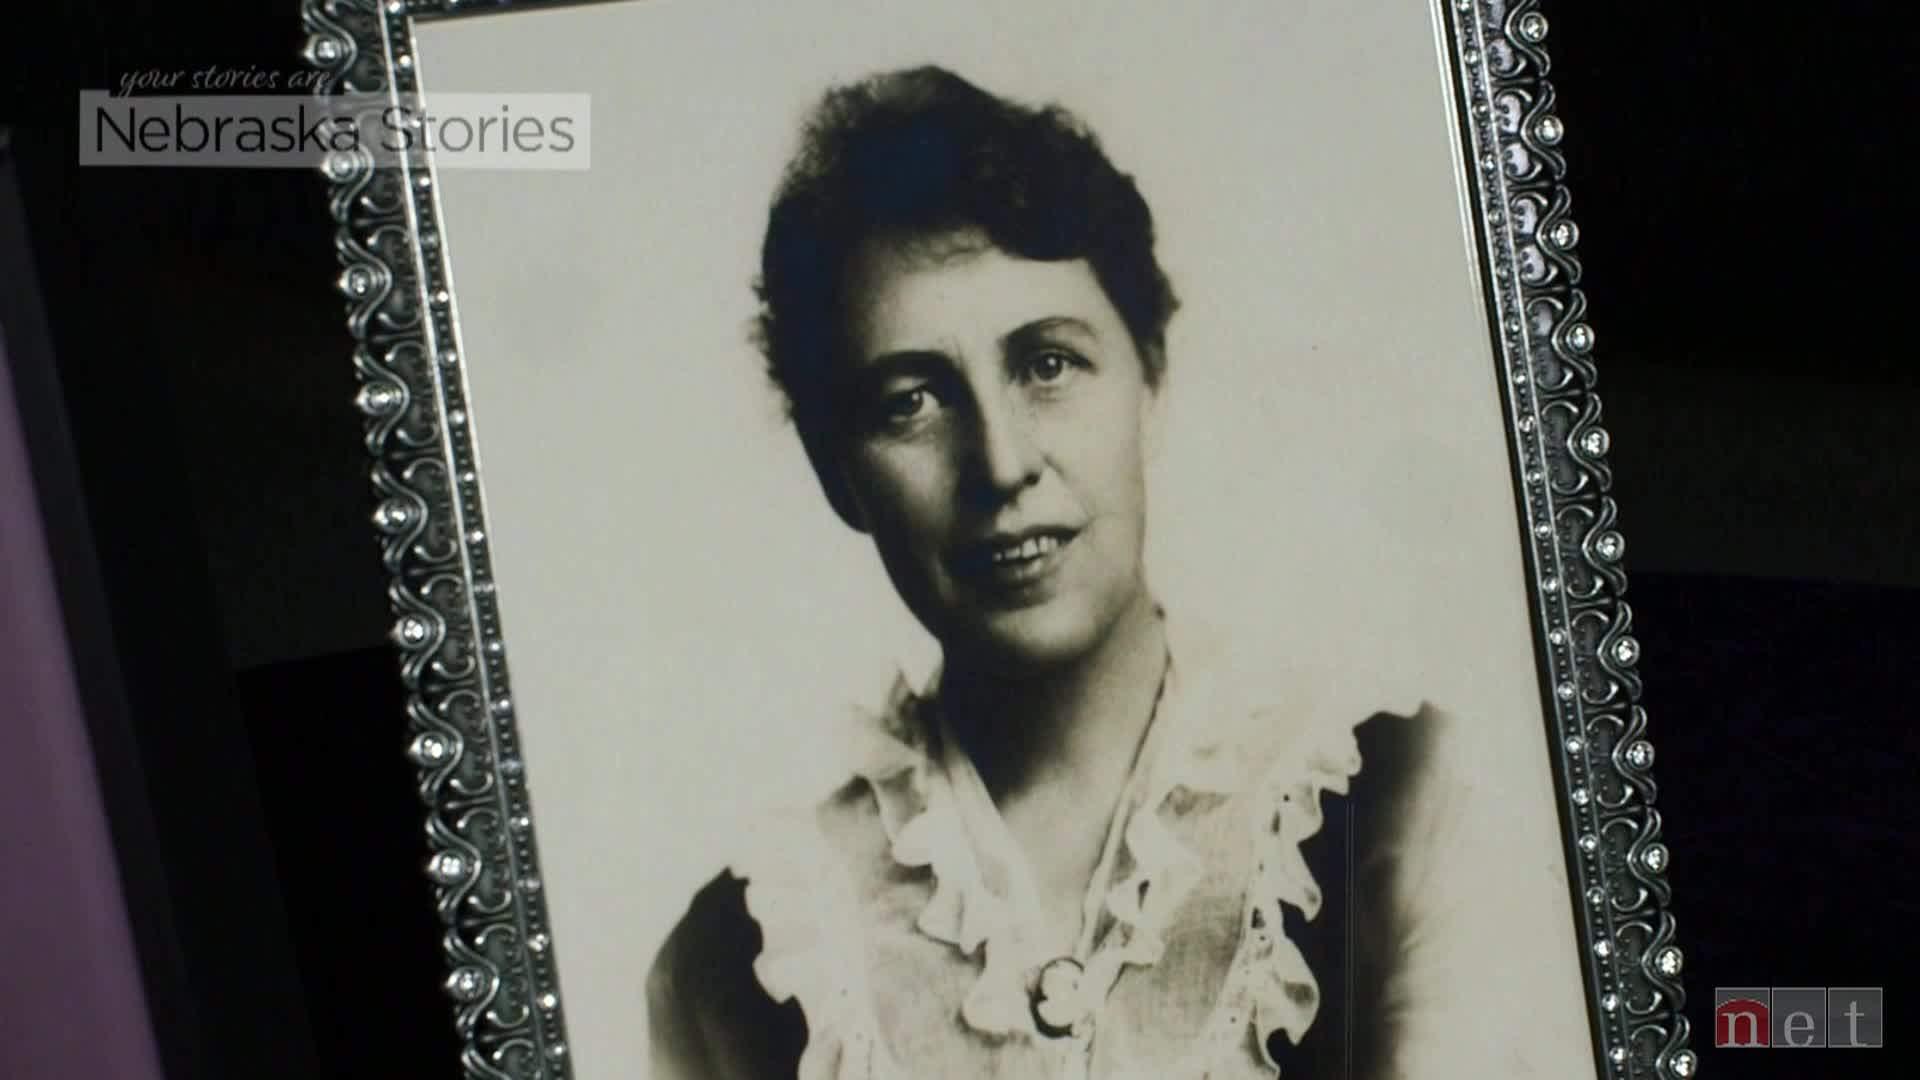 Marion Crandell